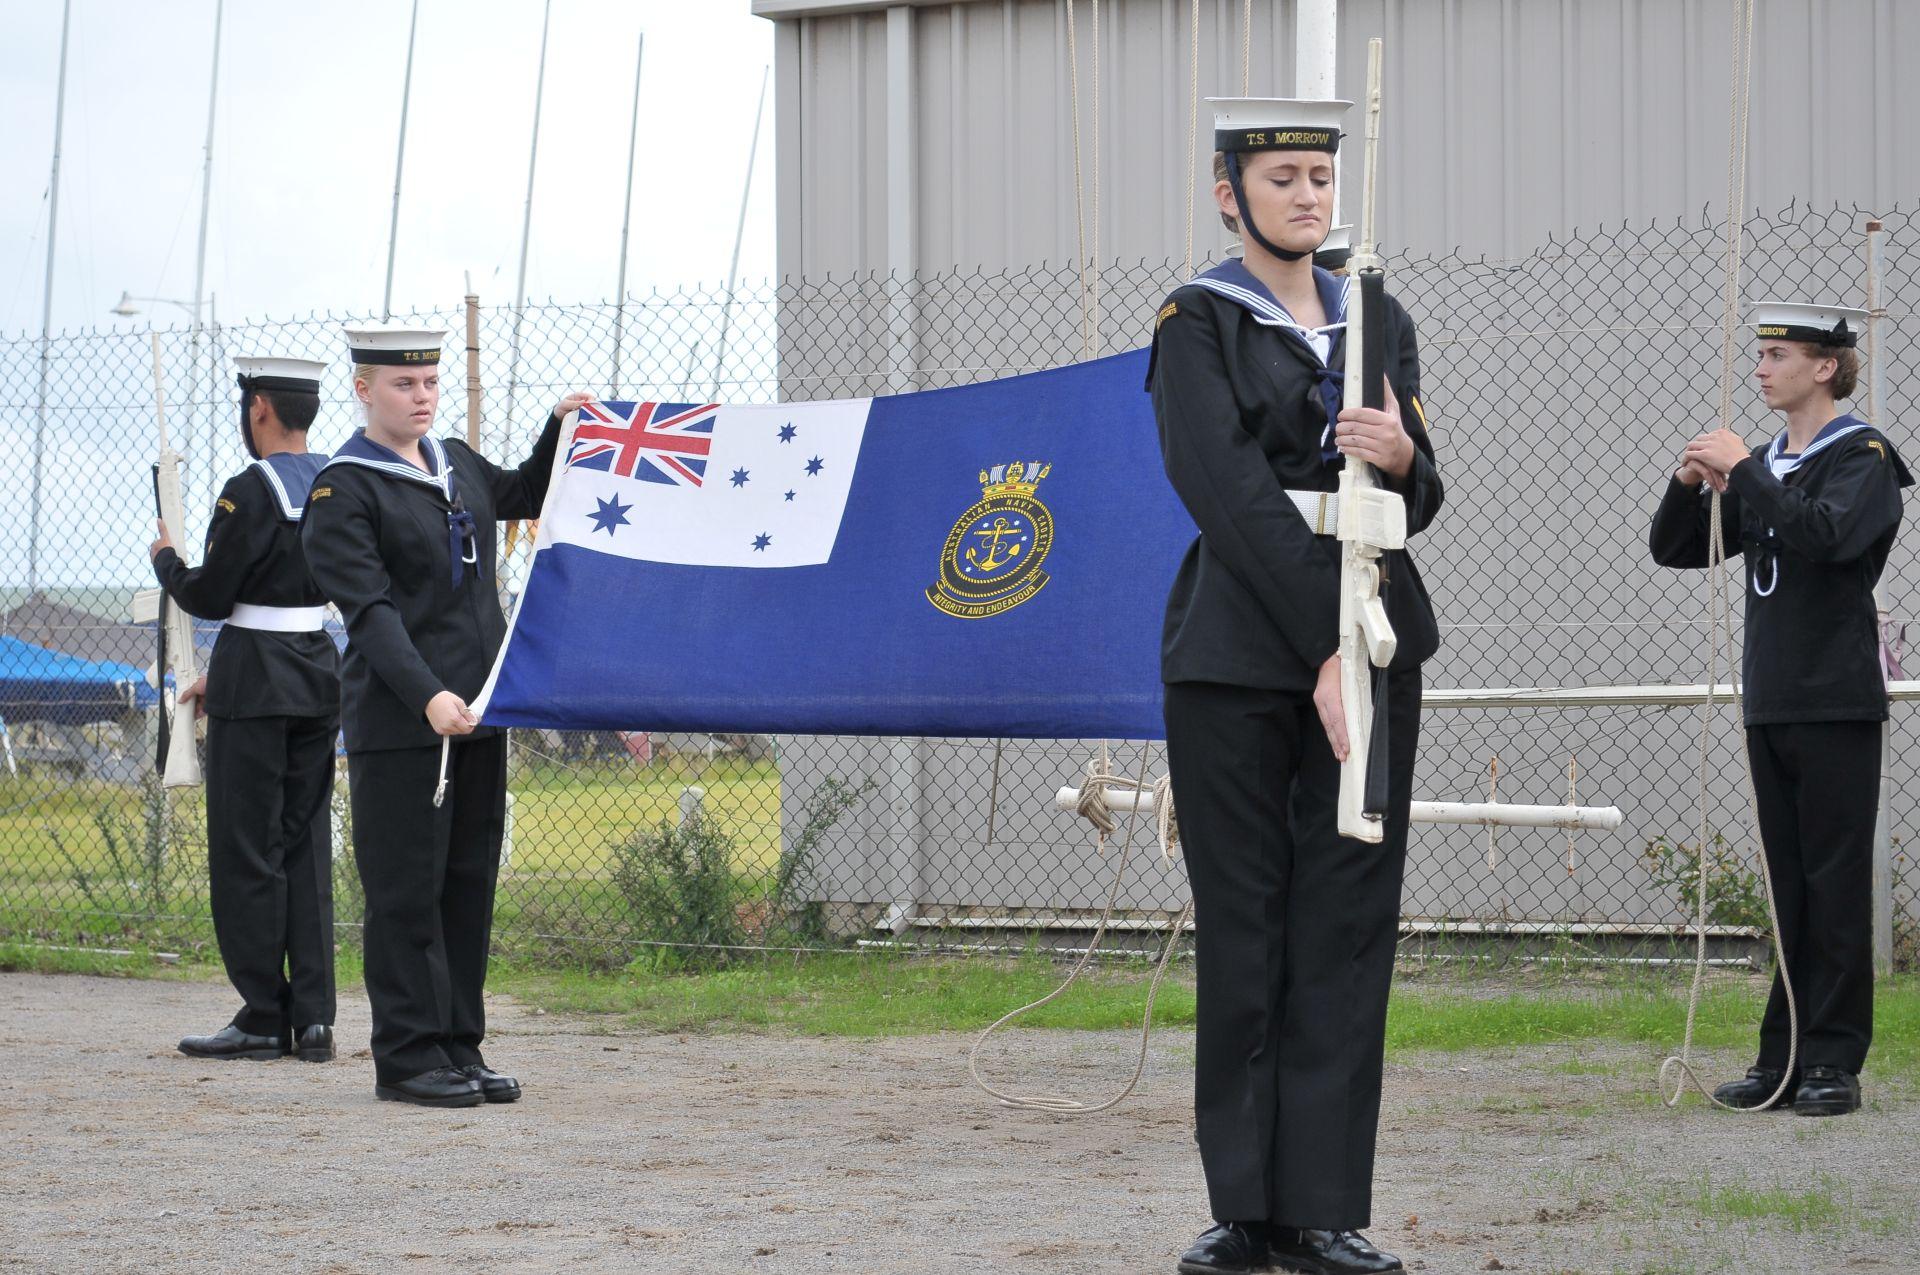 Folding the flag for the ceremonial sunsetsml